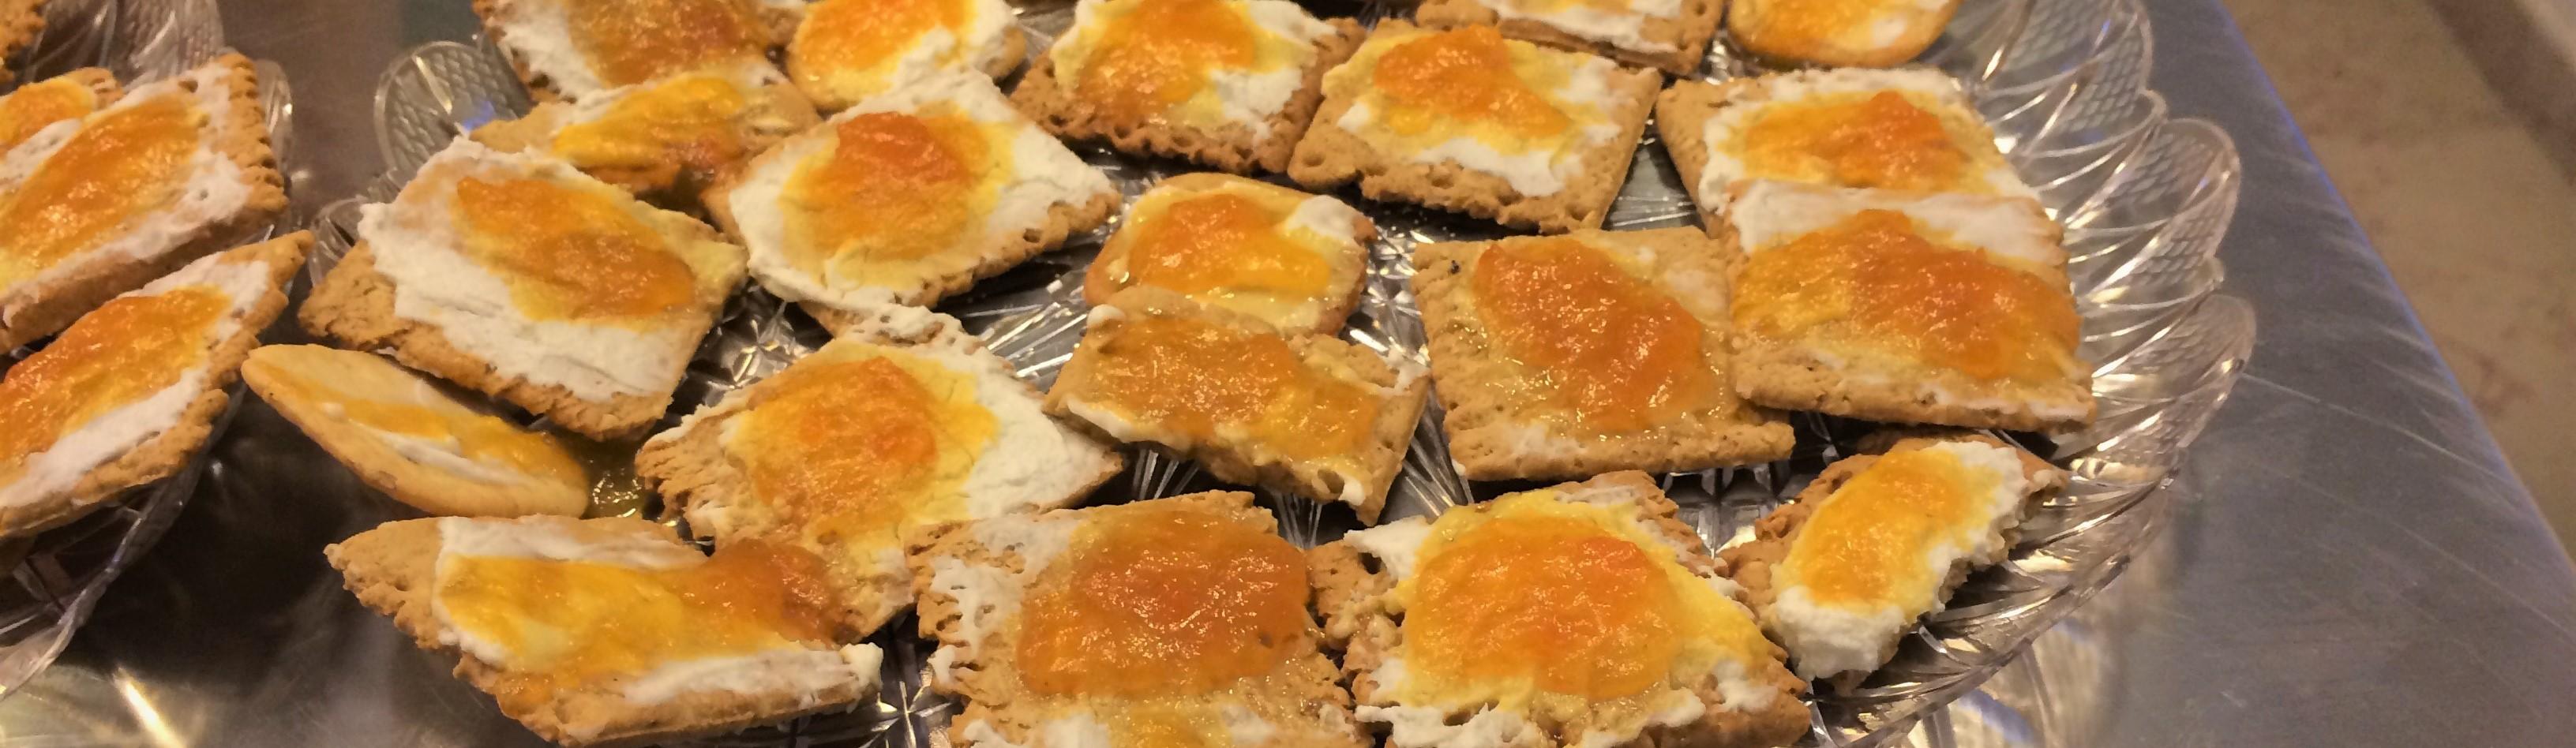 Crackers al sesamo con caprino e marmellata di papaya e maracujà